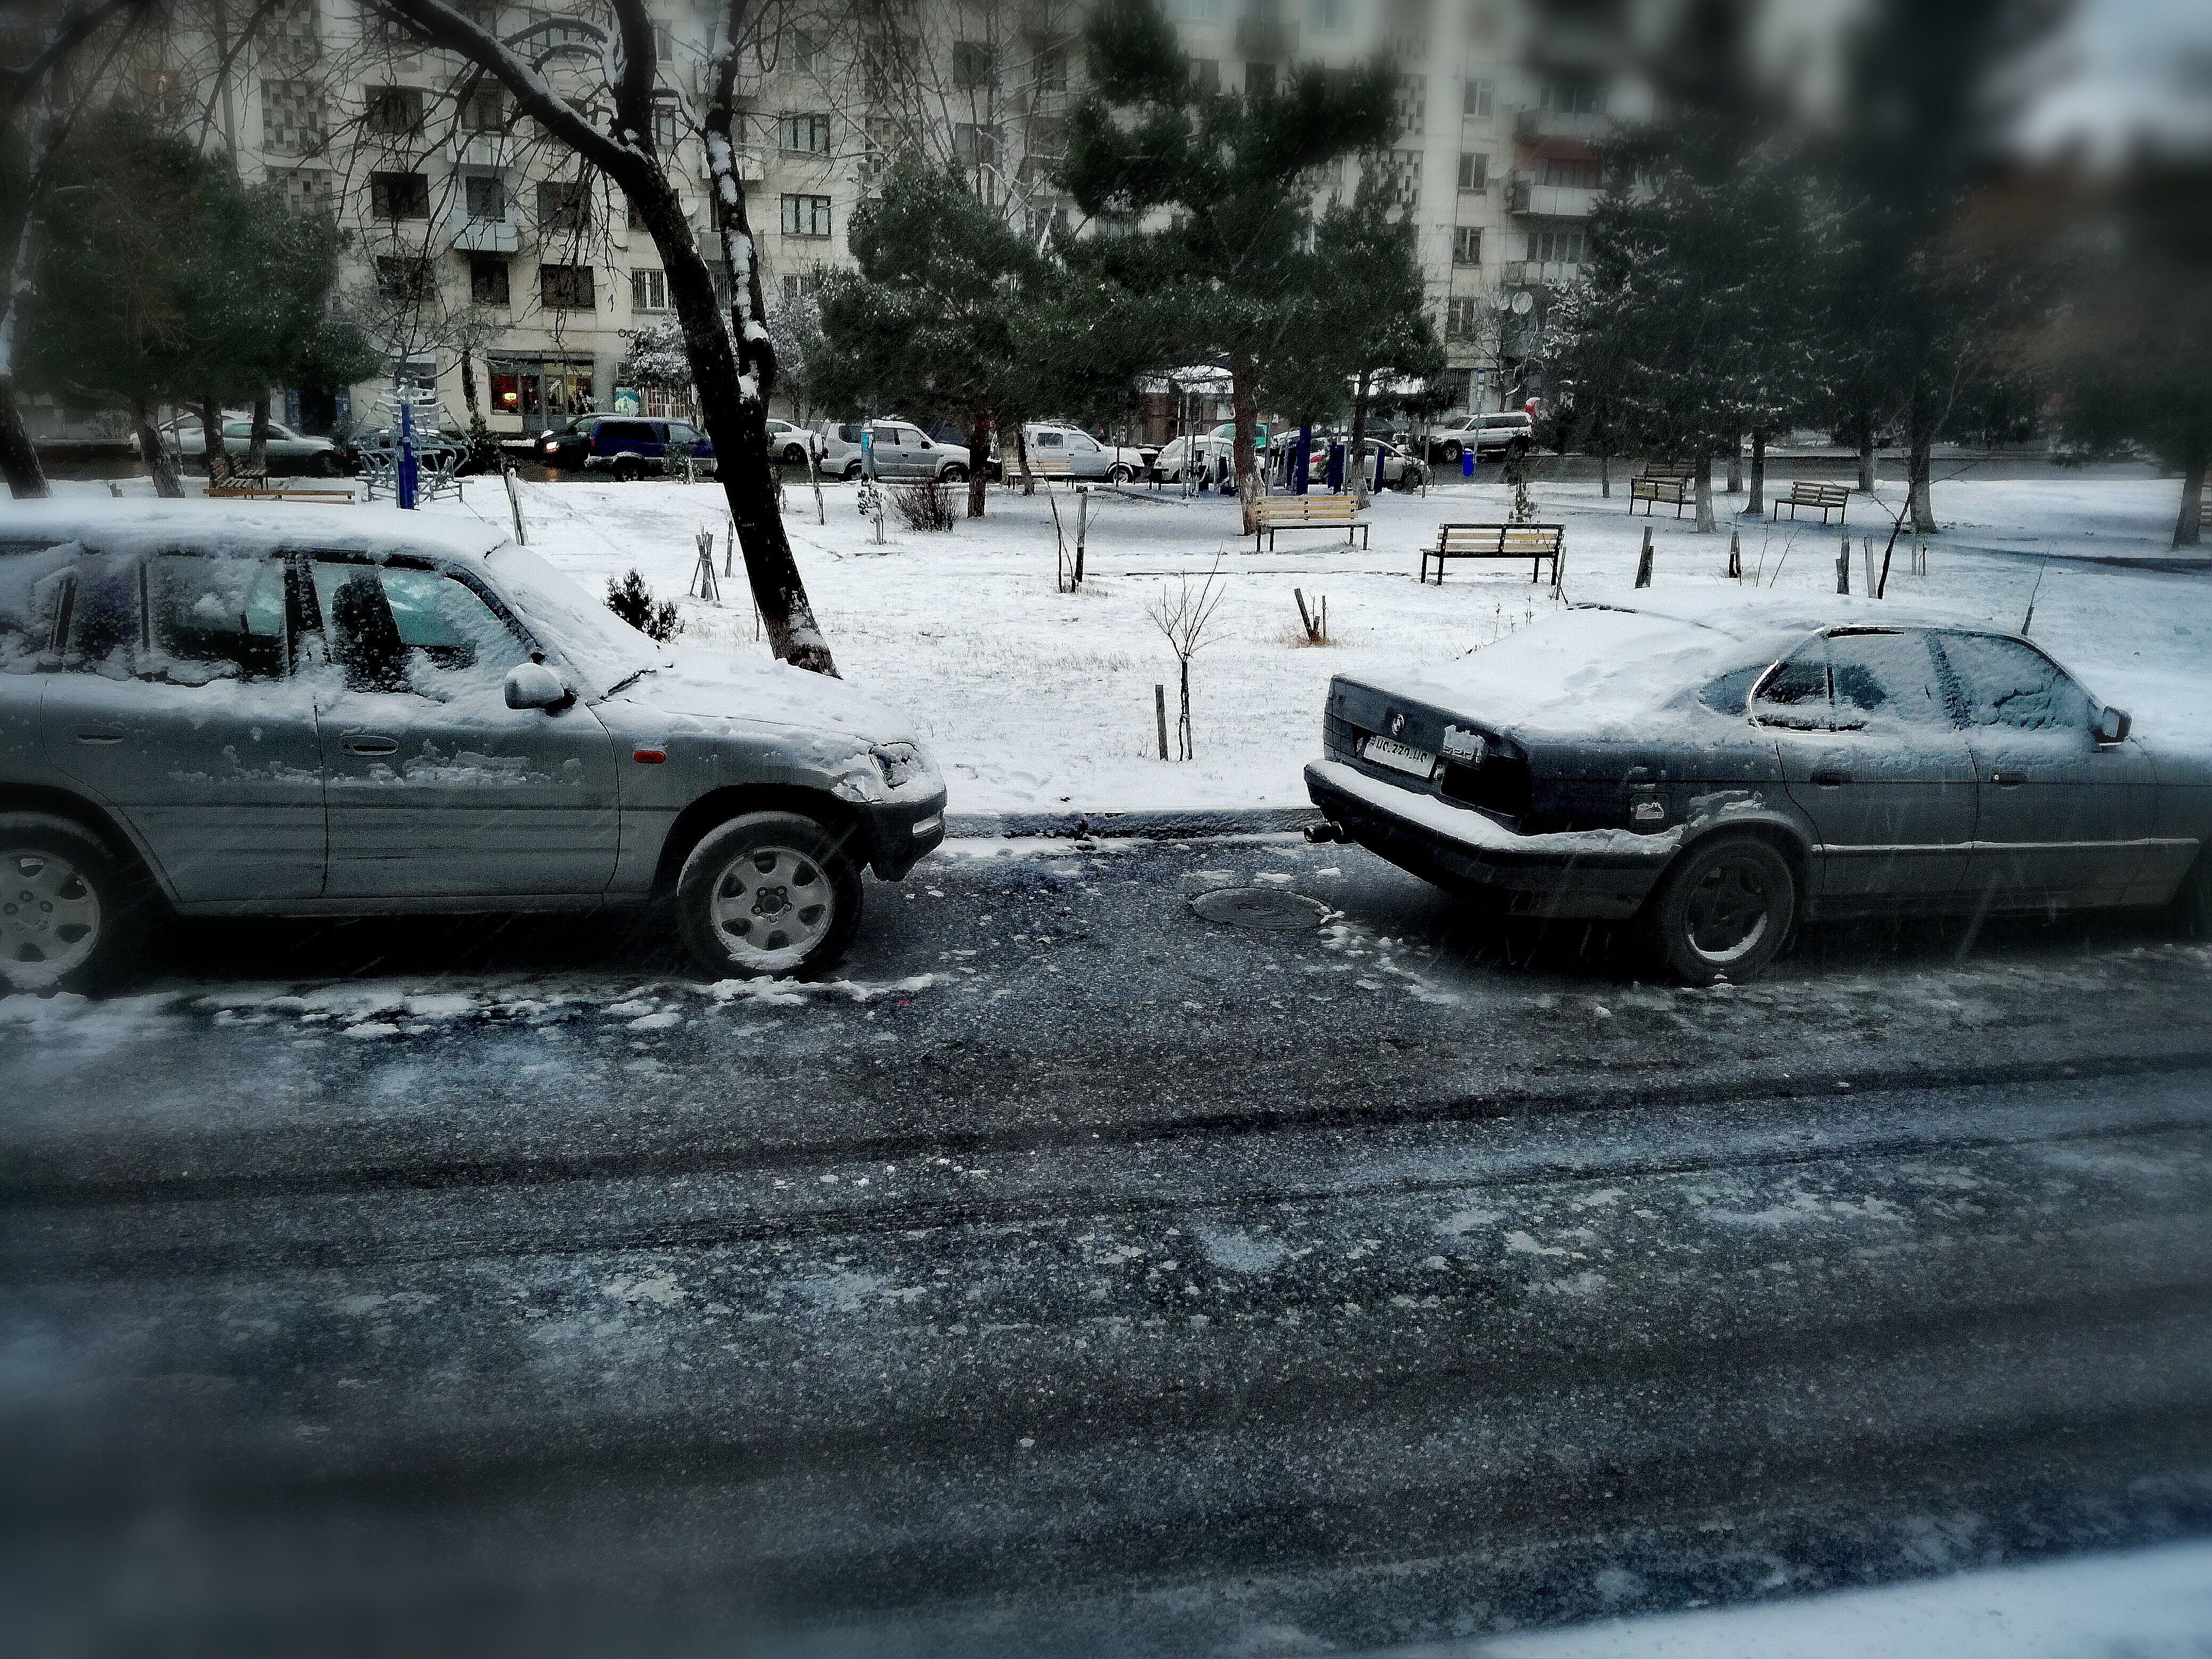 Δωρεάν στοκ φωτογραφιών με δρόμος, πάγος, χειμώνας, χιόνι